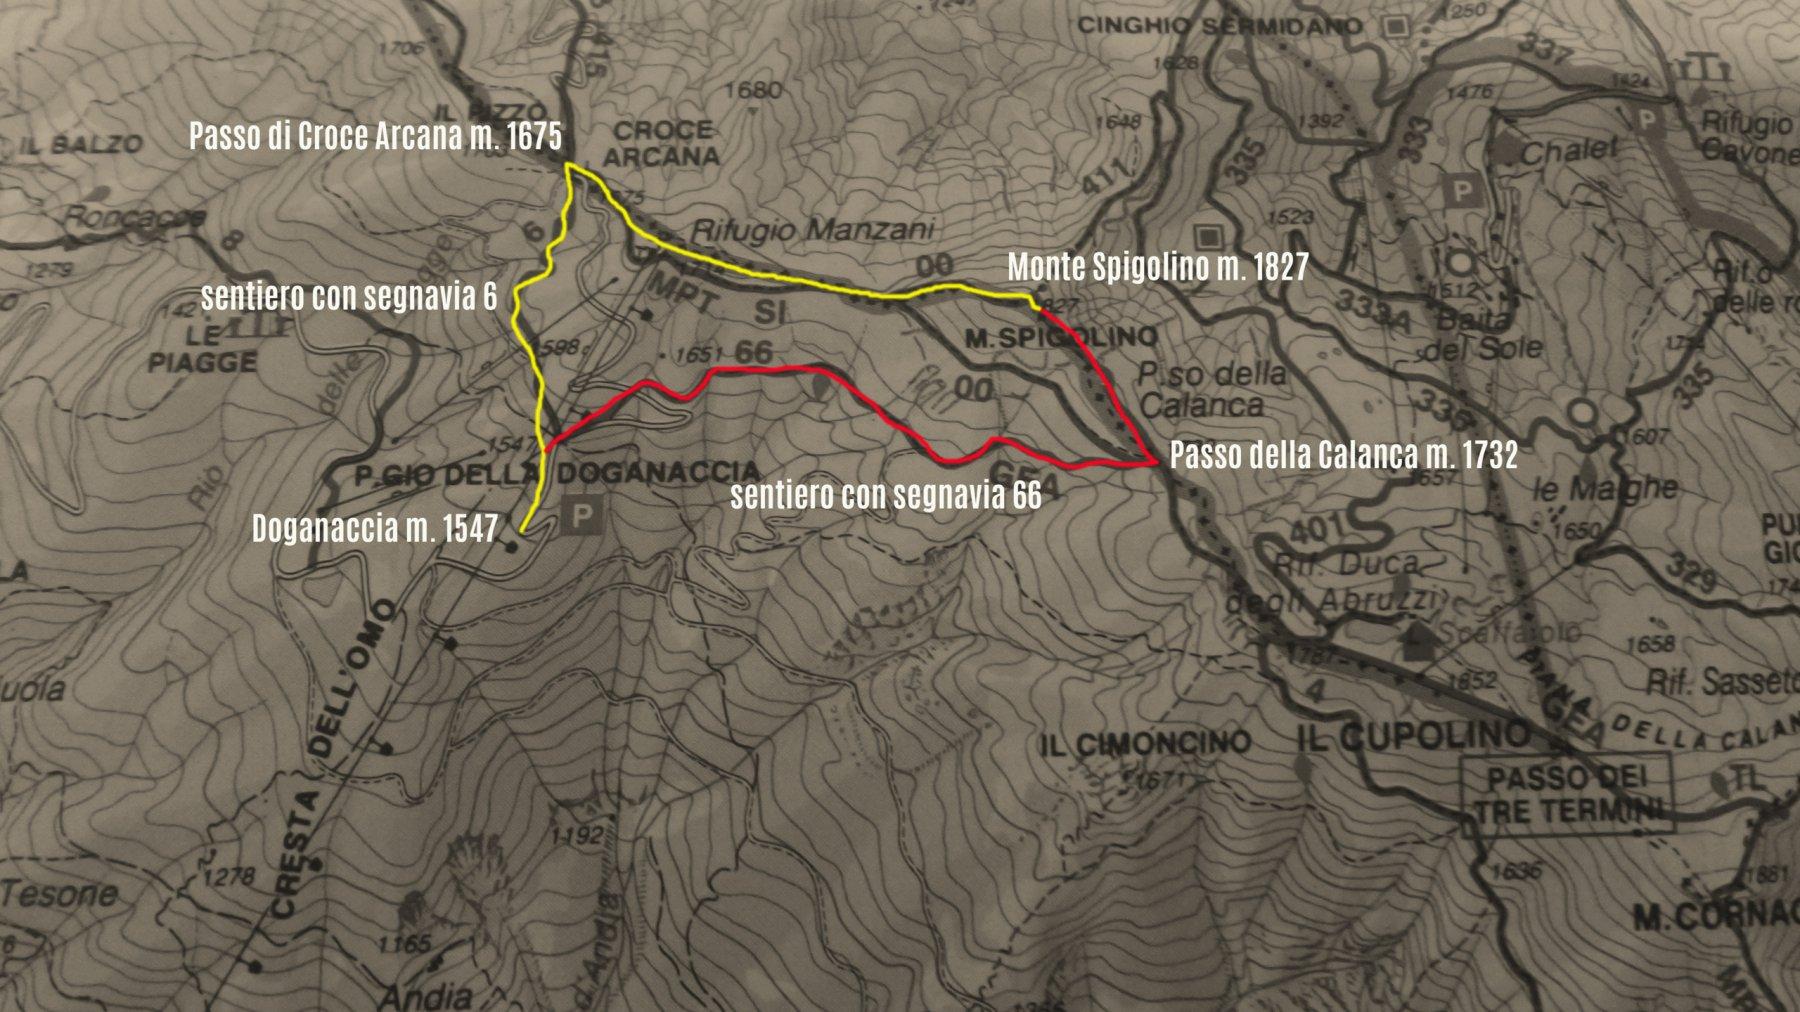 stralcio di carta topografica con il percorso fatto (giallo in salita e rosso in discesa)